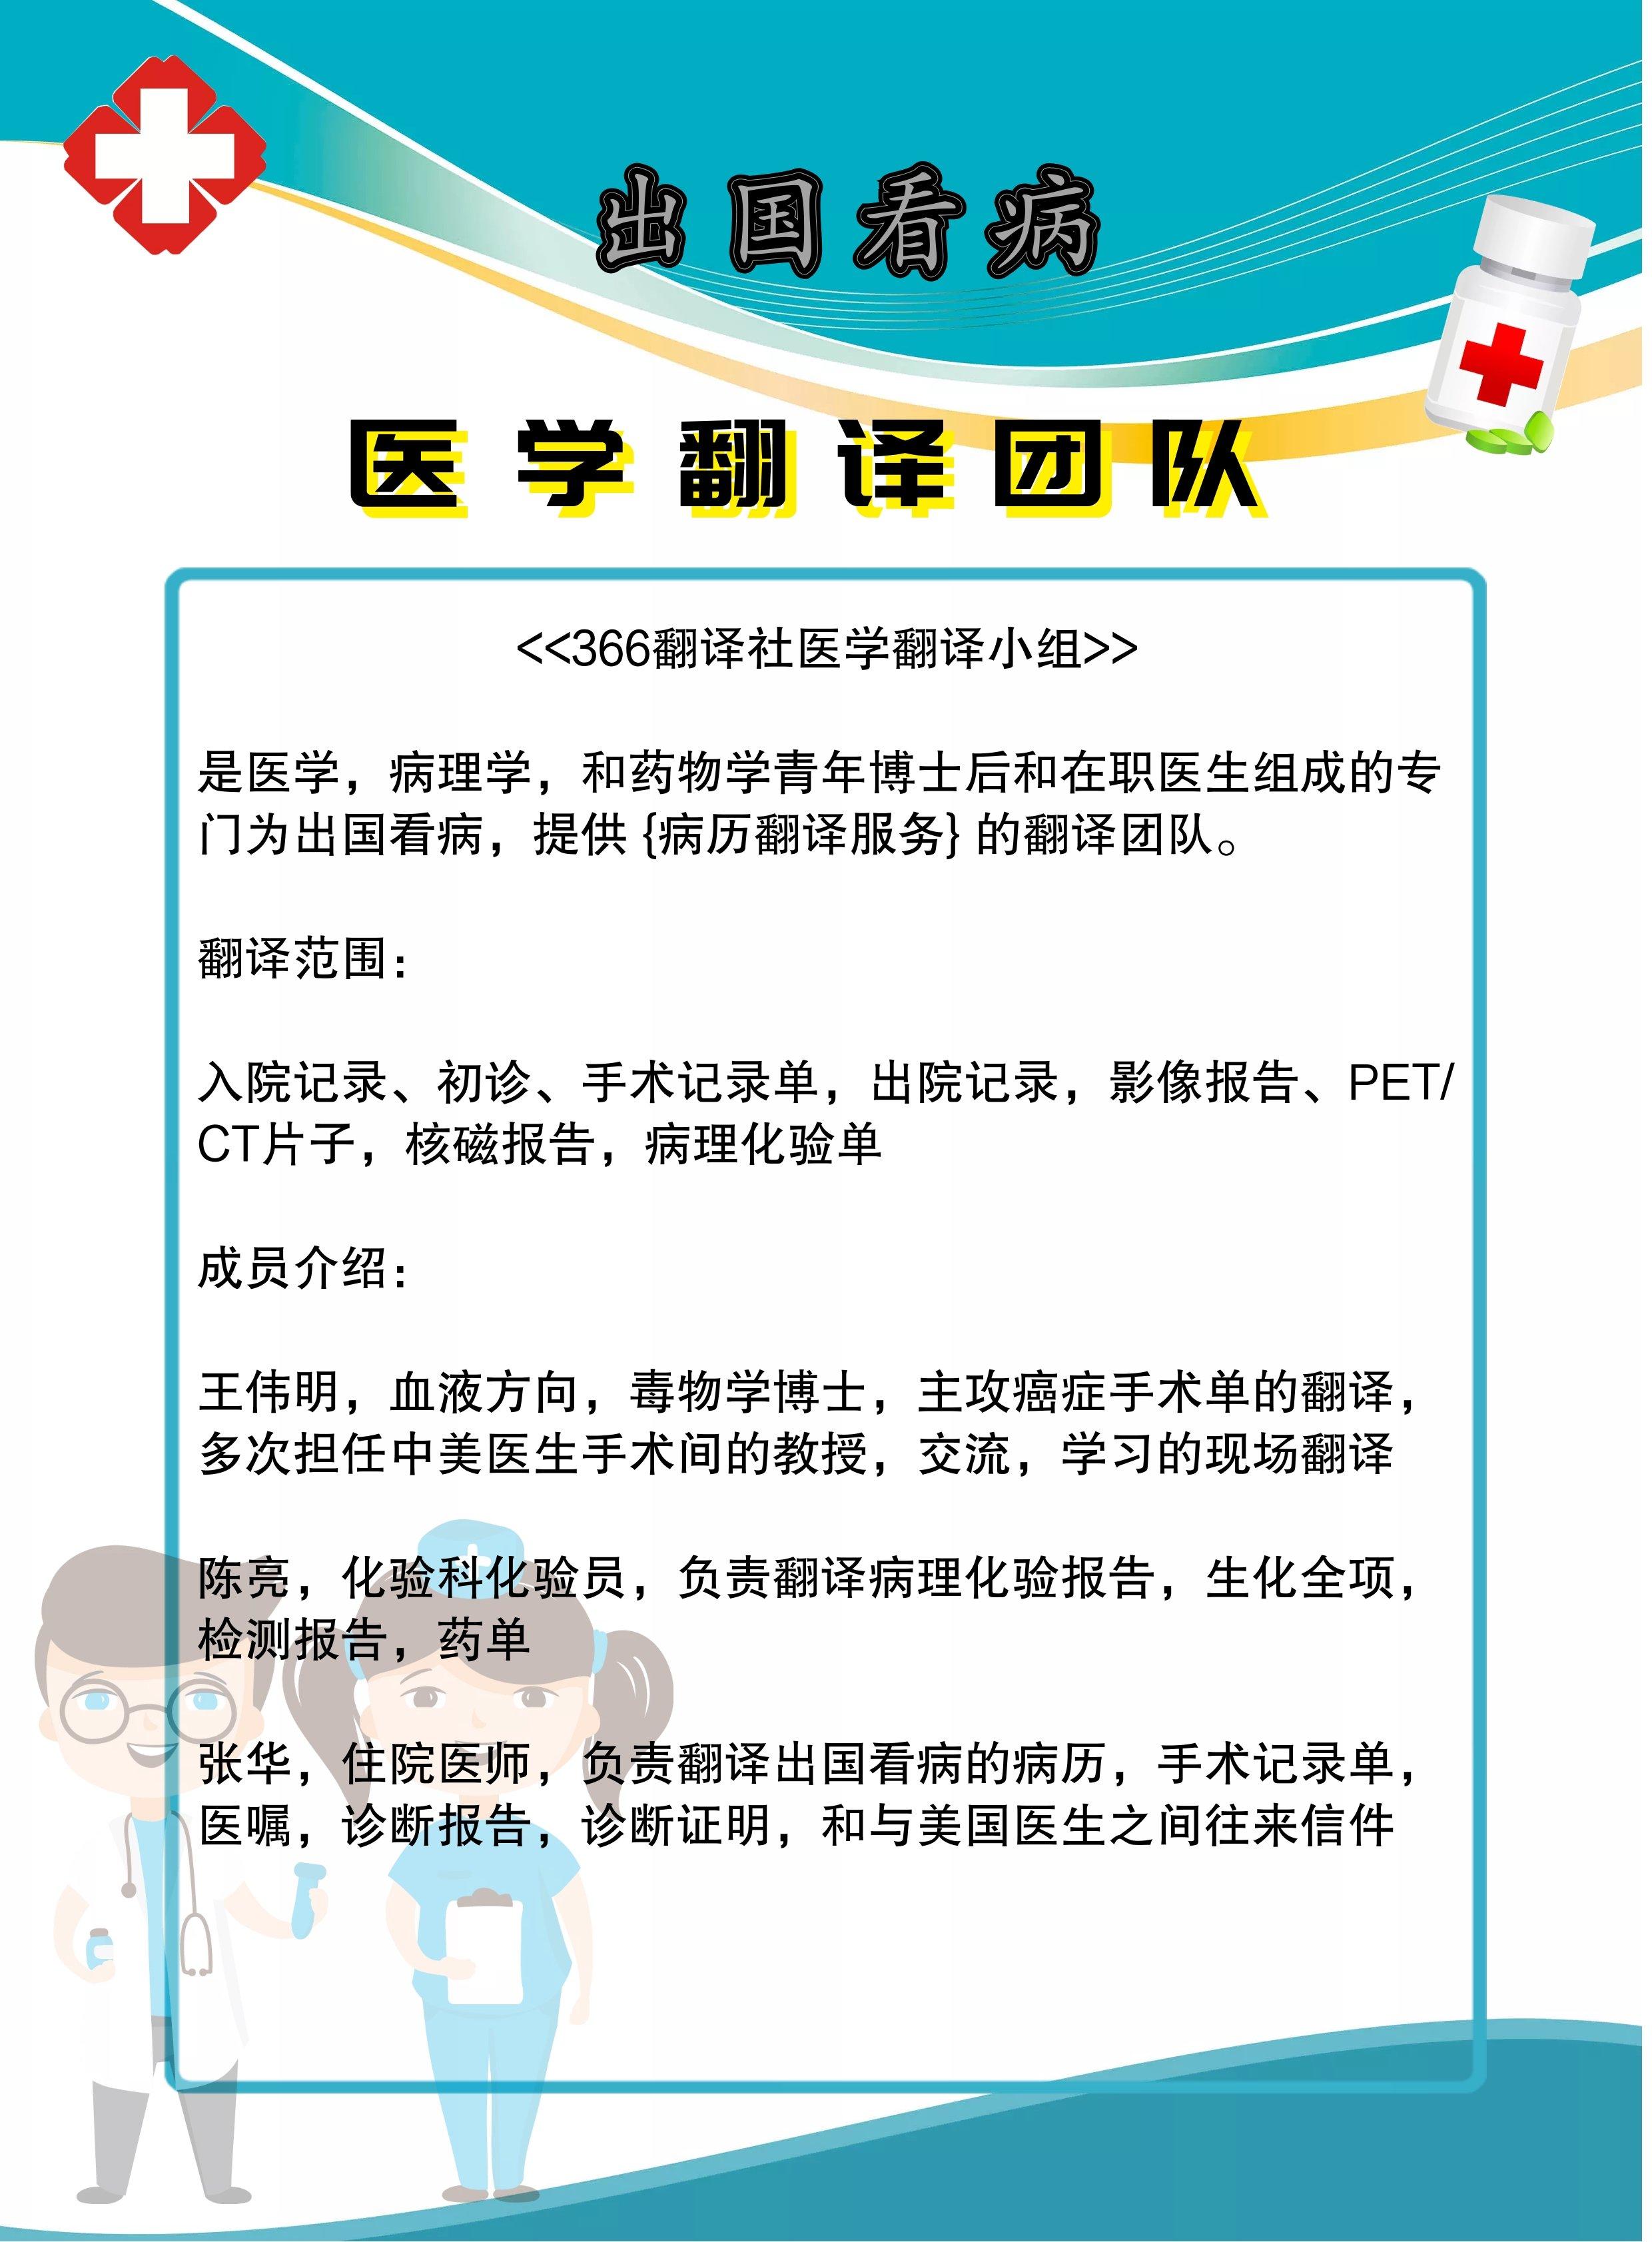 366翻译社医学翻译小组